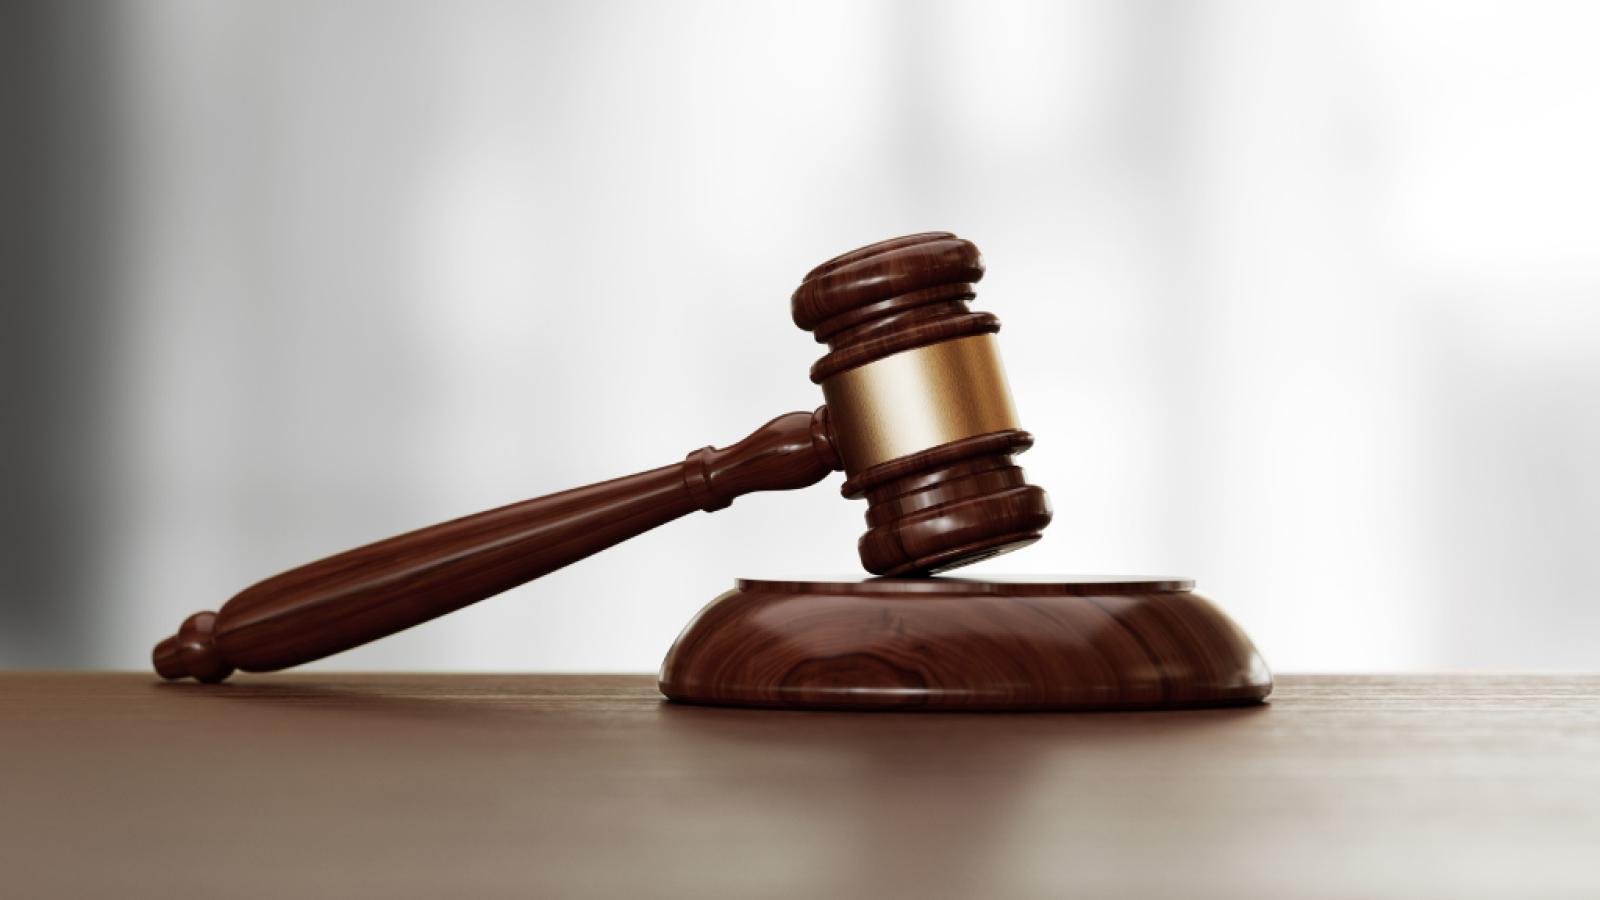 Entrevista a las asociaciones de jueces y magistrados - Escuchar ahora